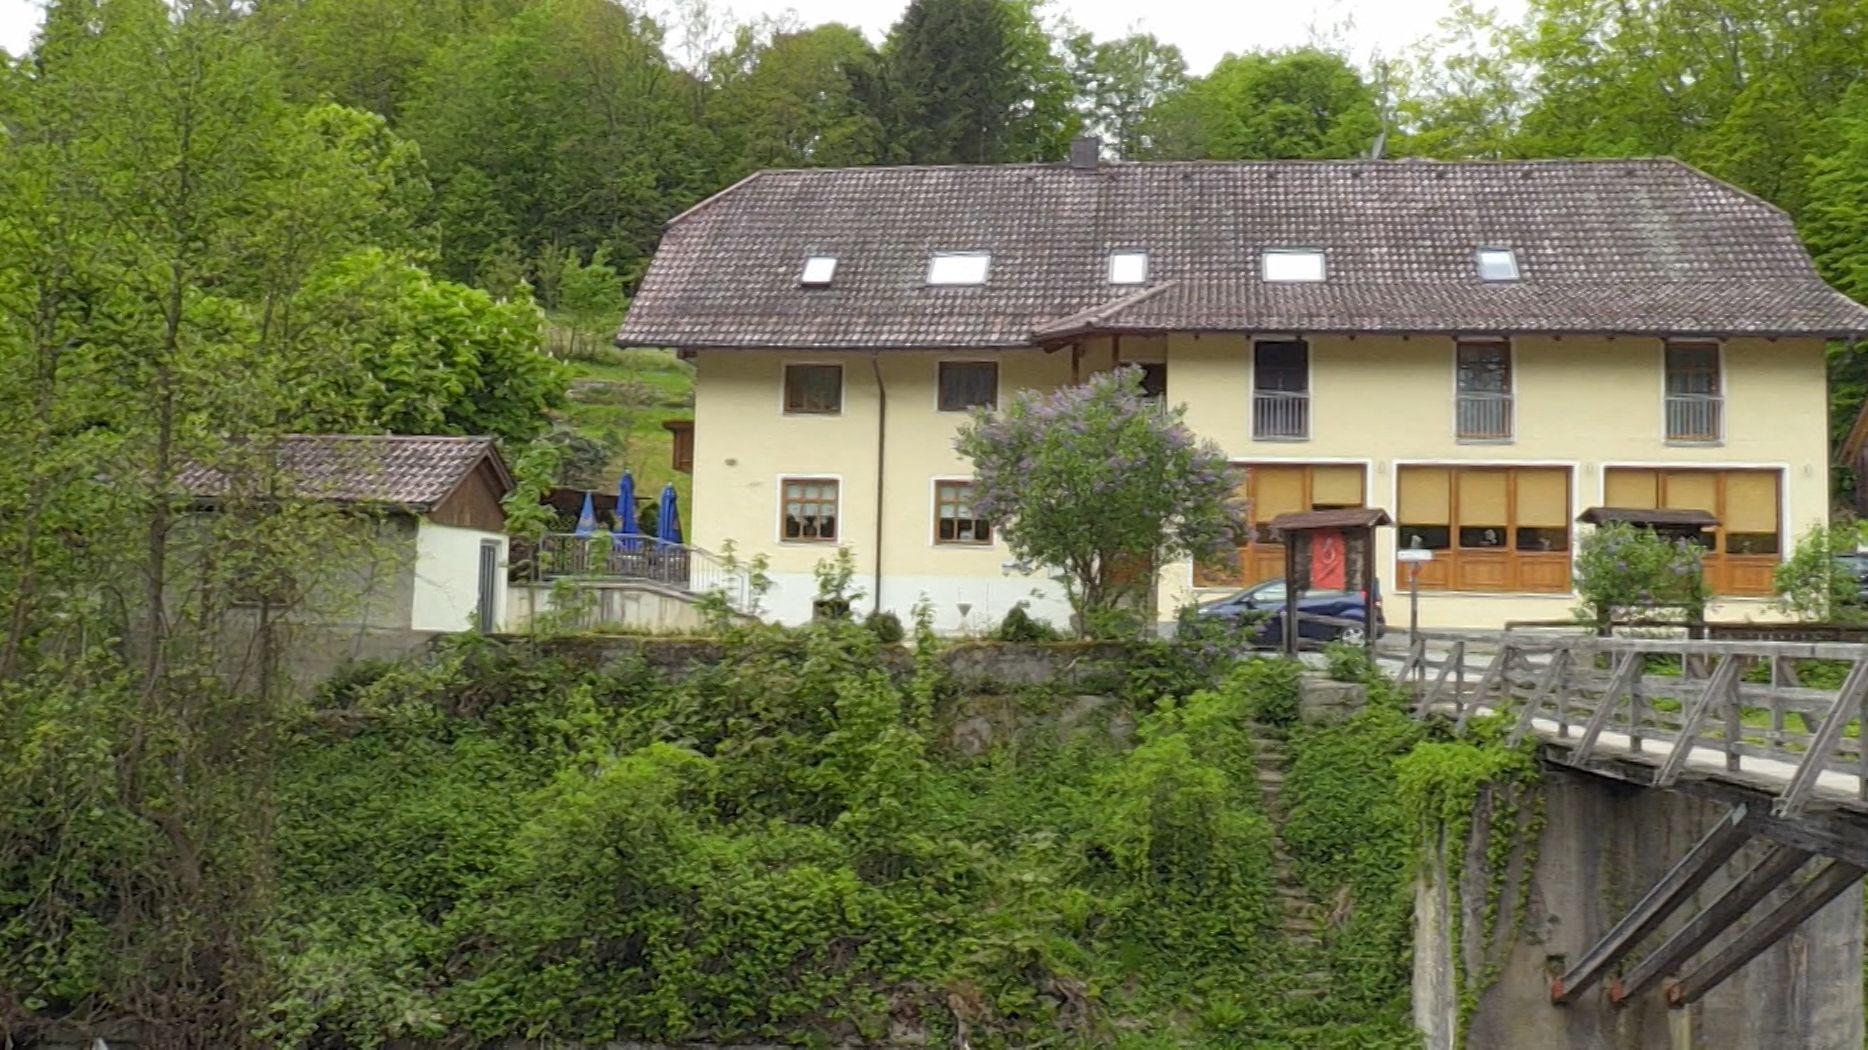 Der Armbrust-Fall mit insgesamt fünf Toten in Passau und im niedersächsischen Wittingen gibt weiter Rätsel auf.